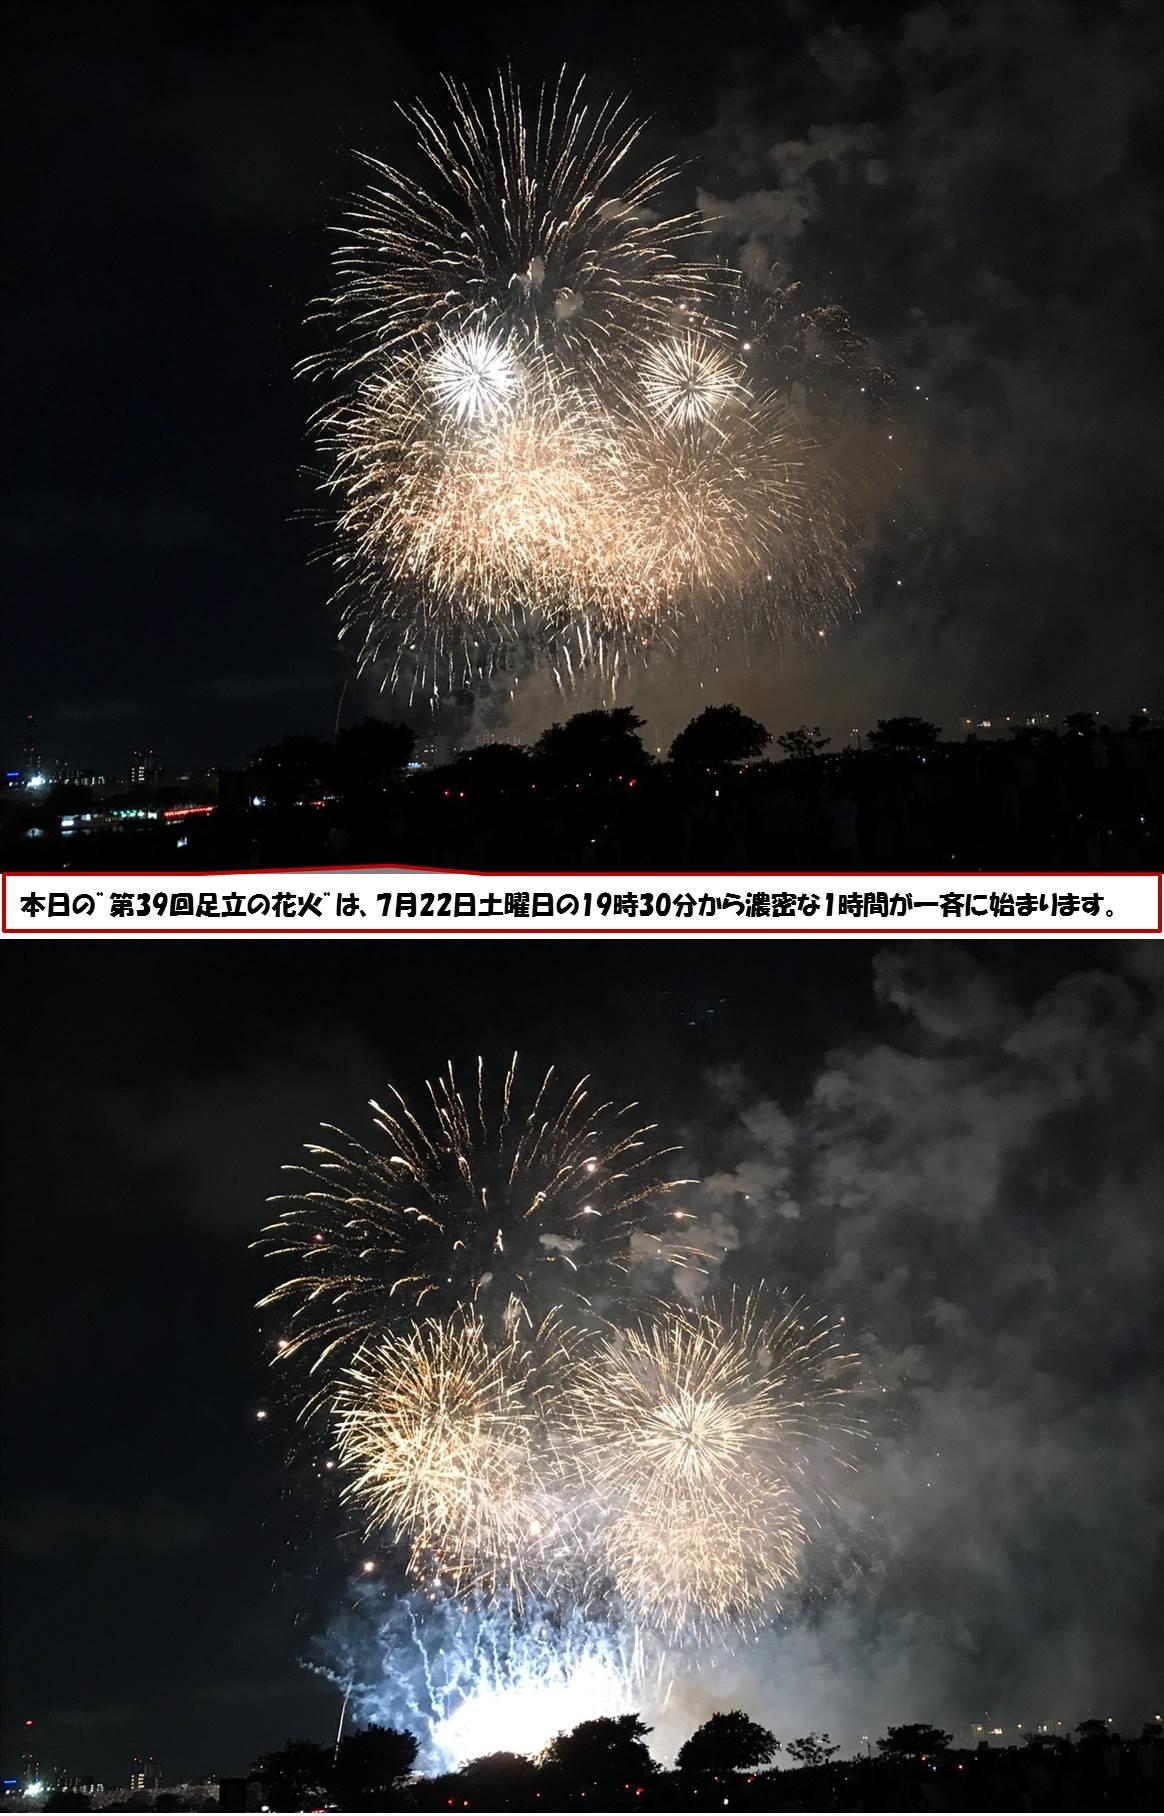 """本日の""""第39回足立の花火""""は、7月22日土曜日の19時30分から濃密な1時間が一斉に始まります。"""